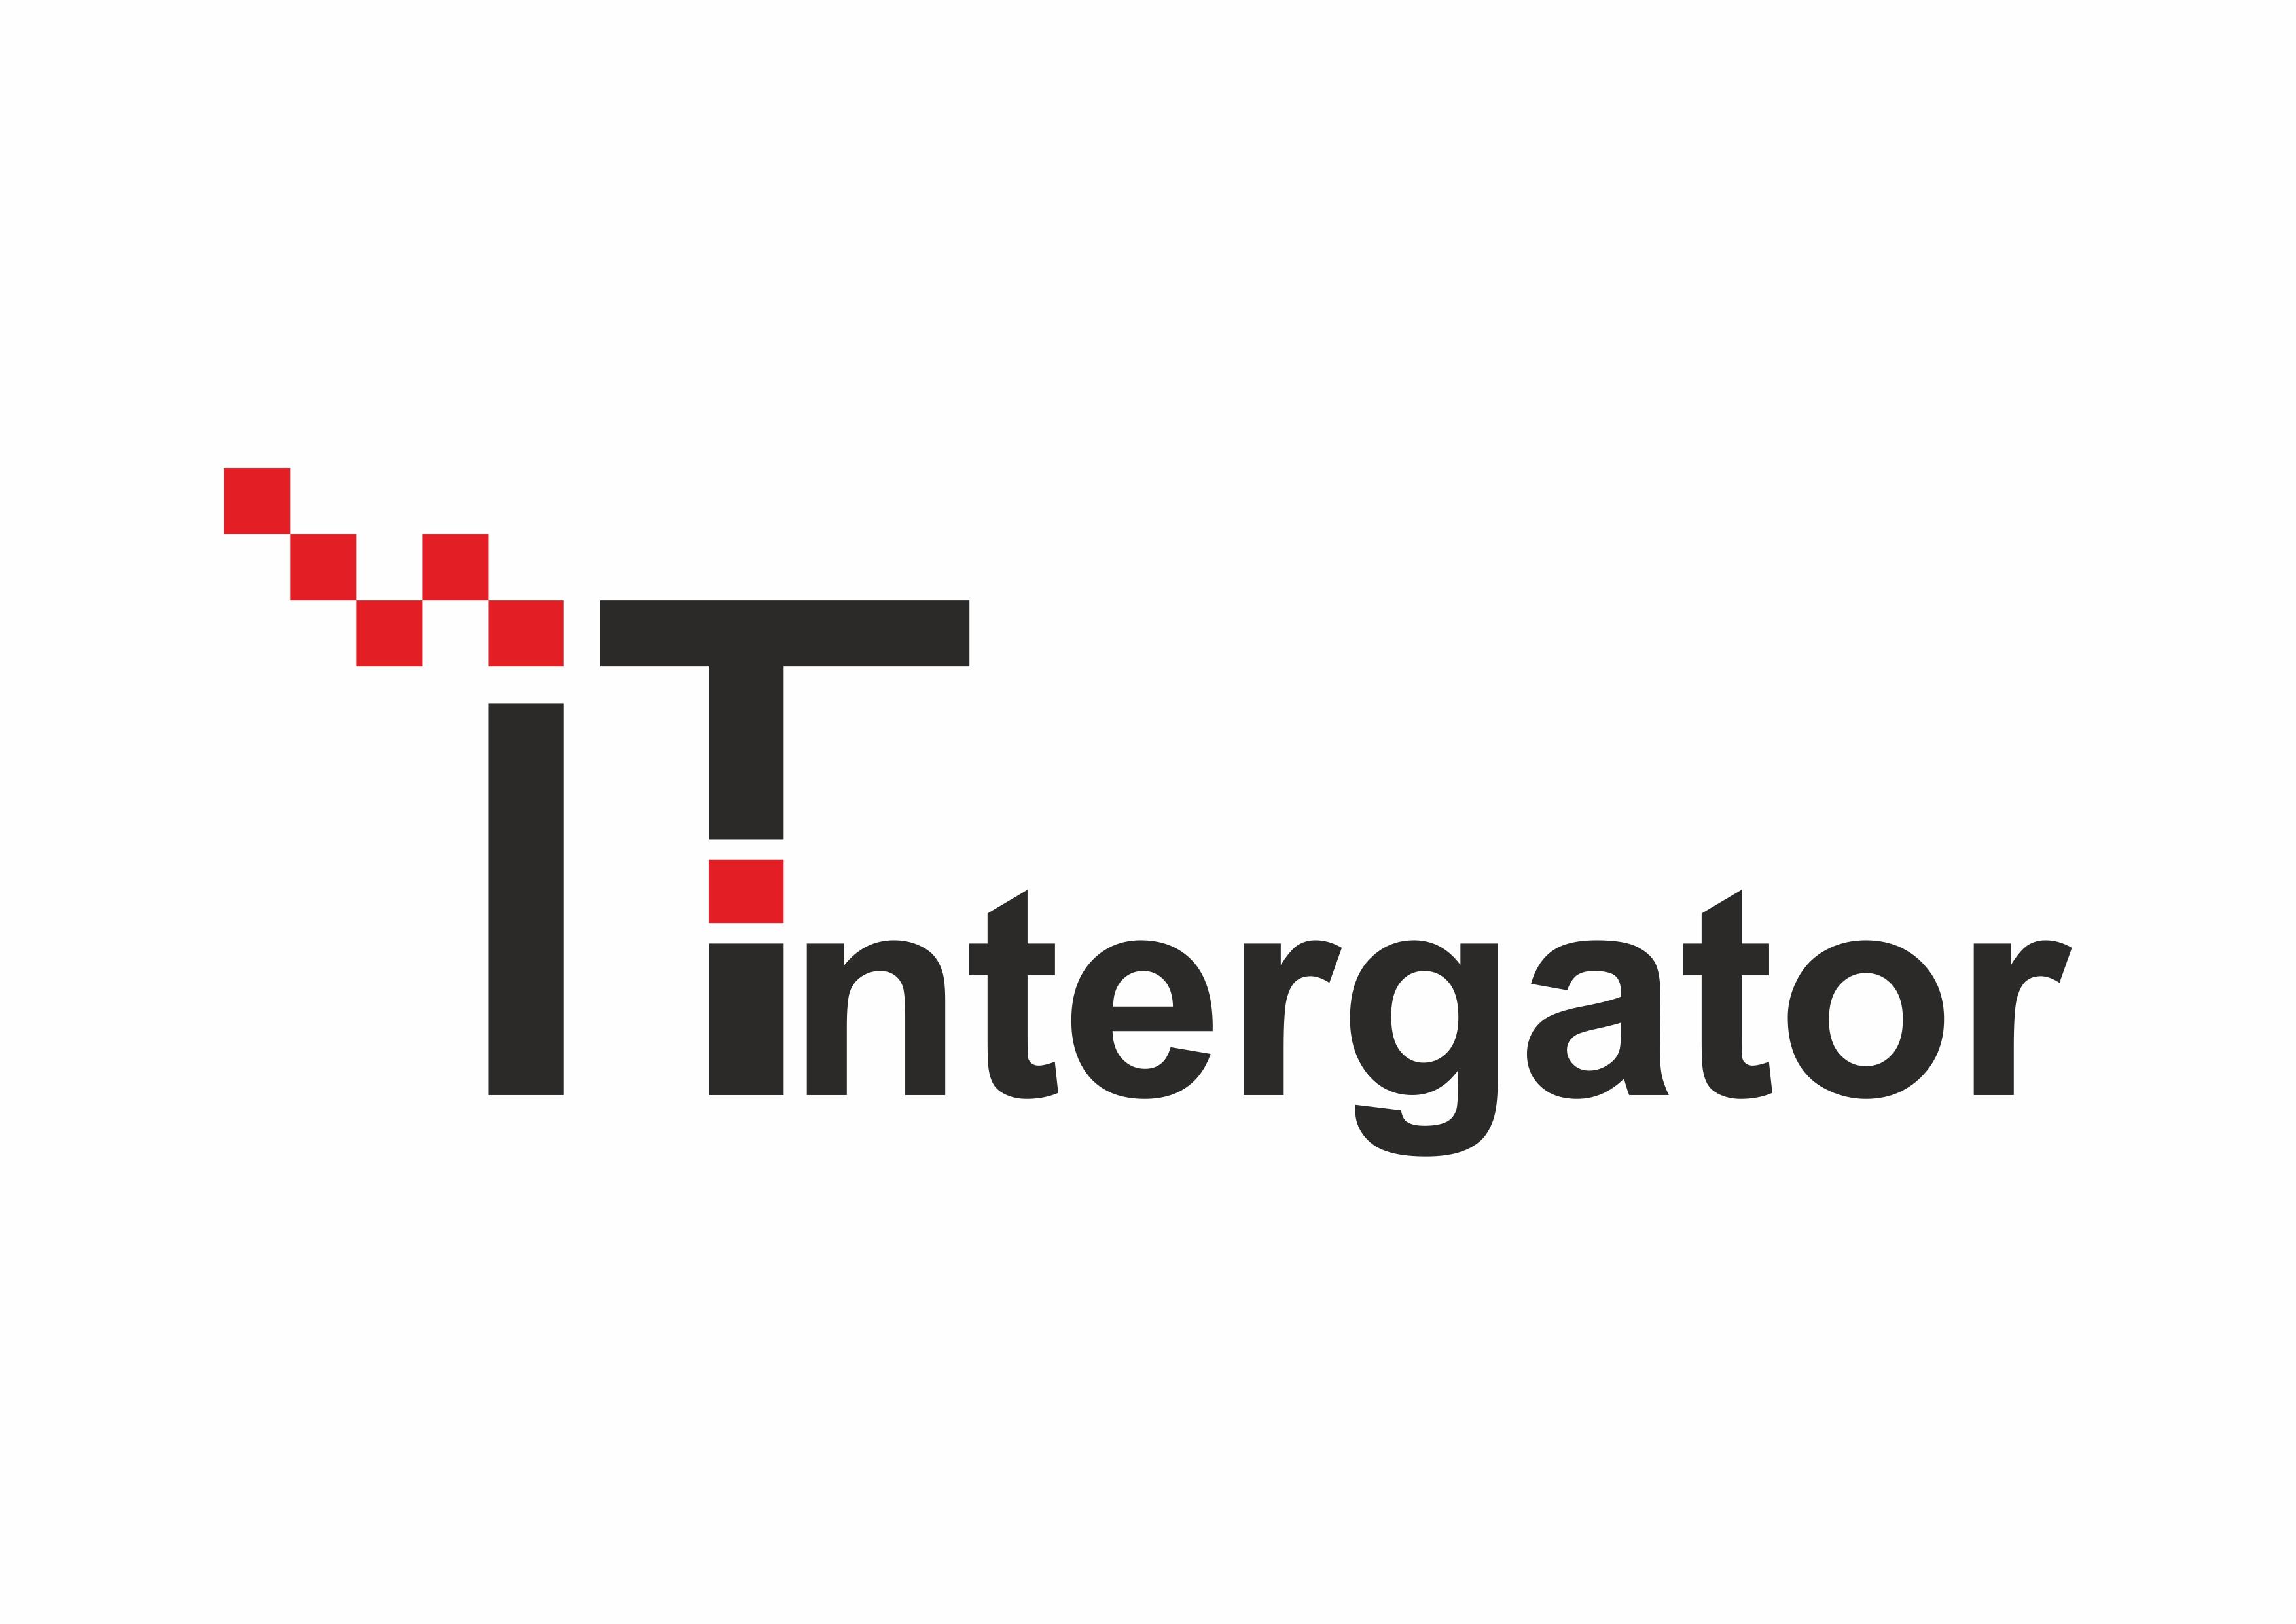 Логотип для IT интегратора фото f_498614c178fef760.jpg